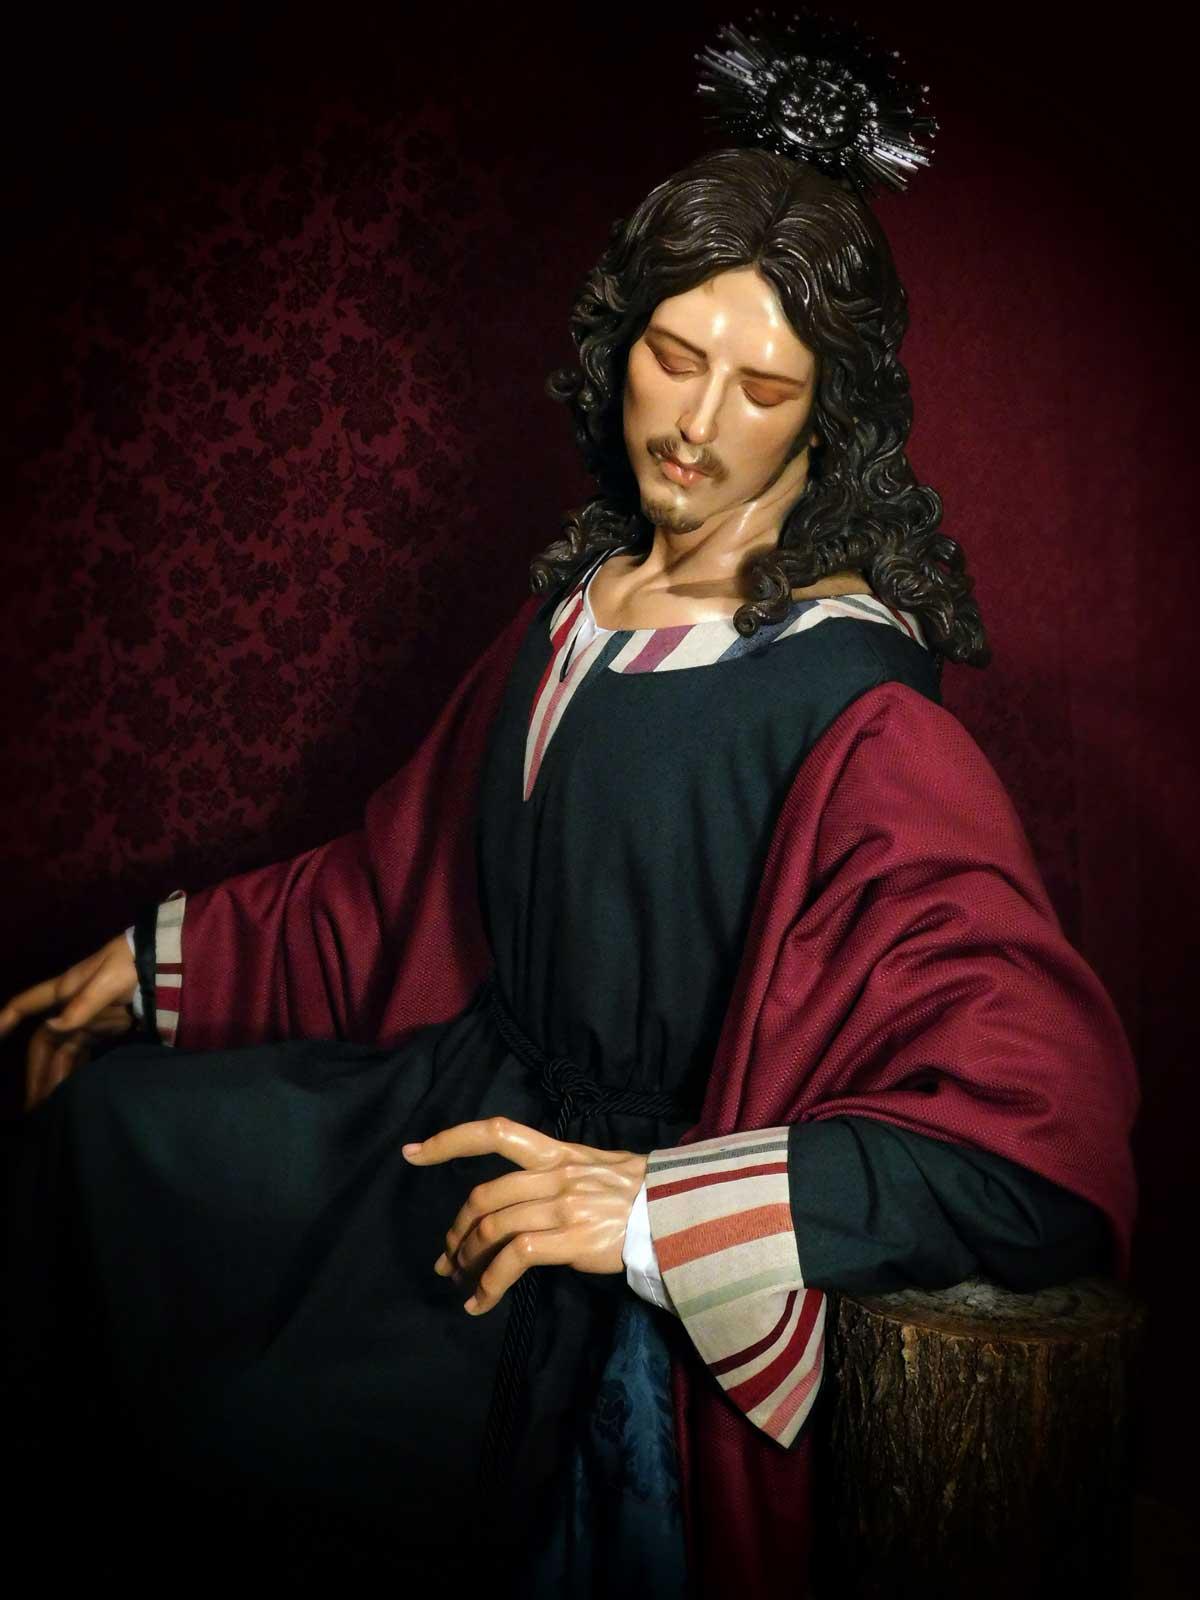 misterio-jesus-la-oracion-huerto-villa-del-rio-cordoba-9